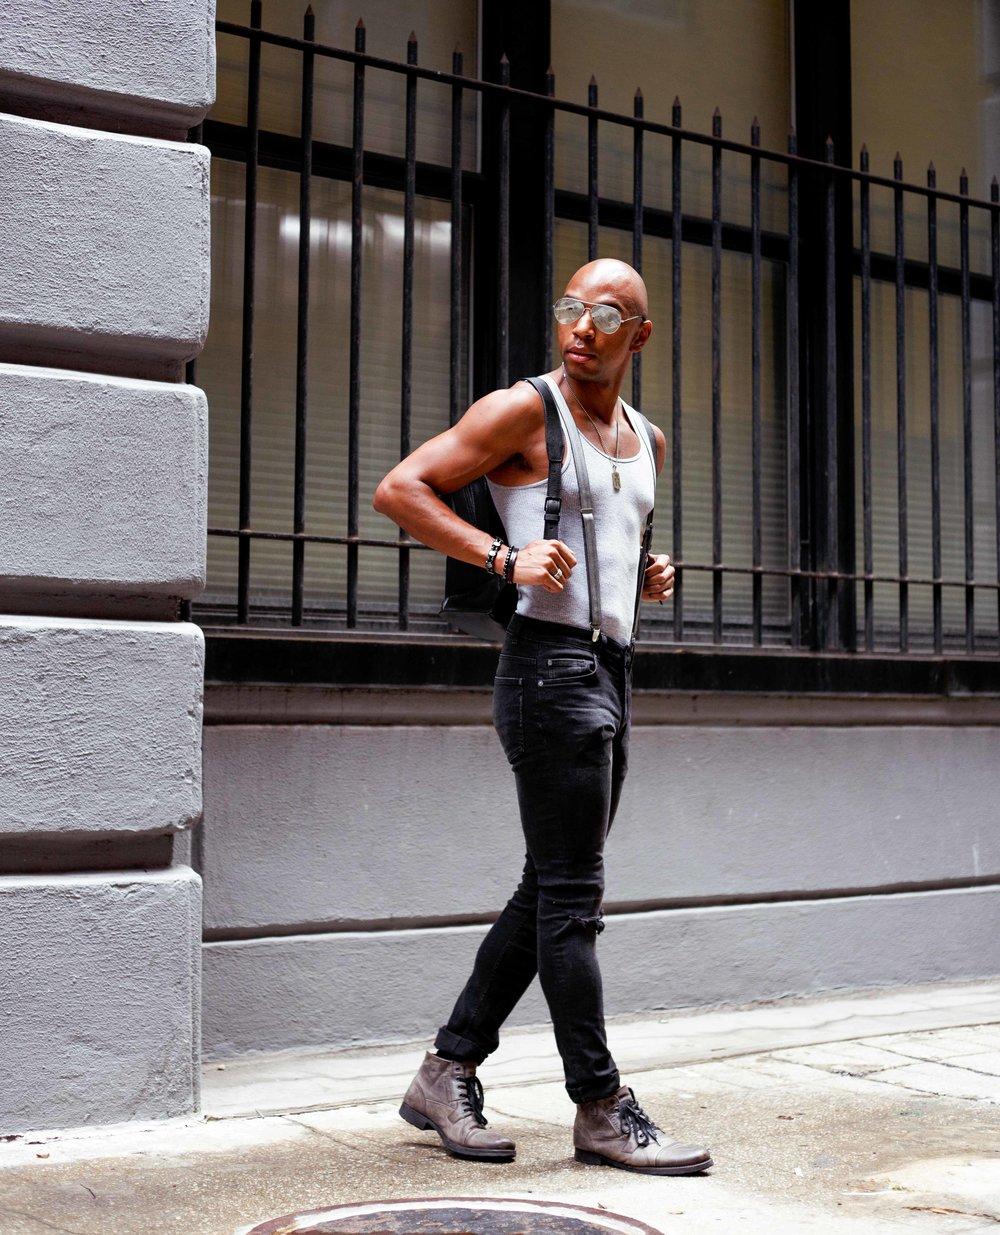 suspenders-in-style-pose.jpg